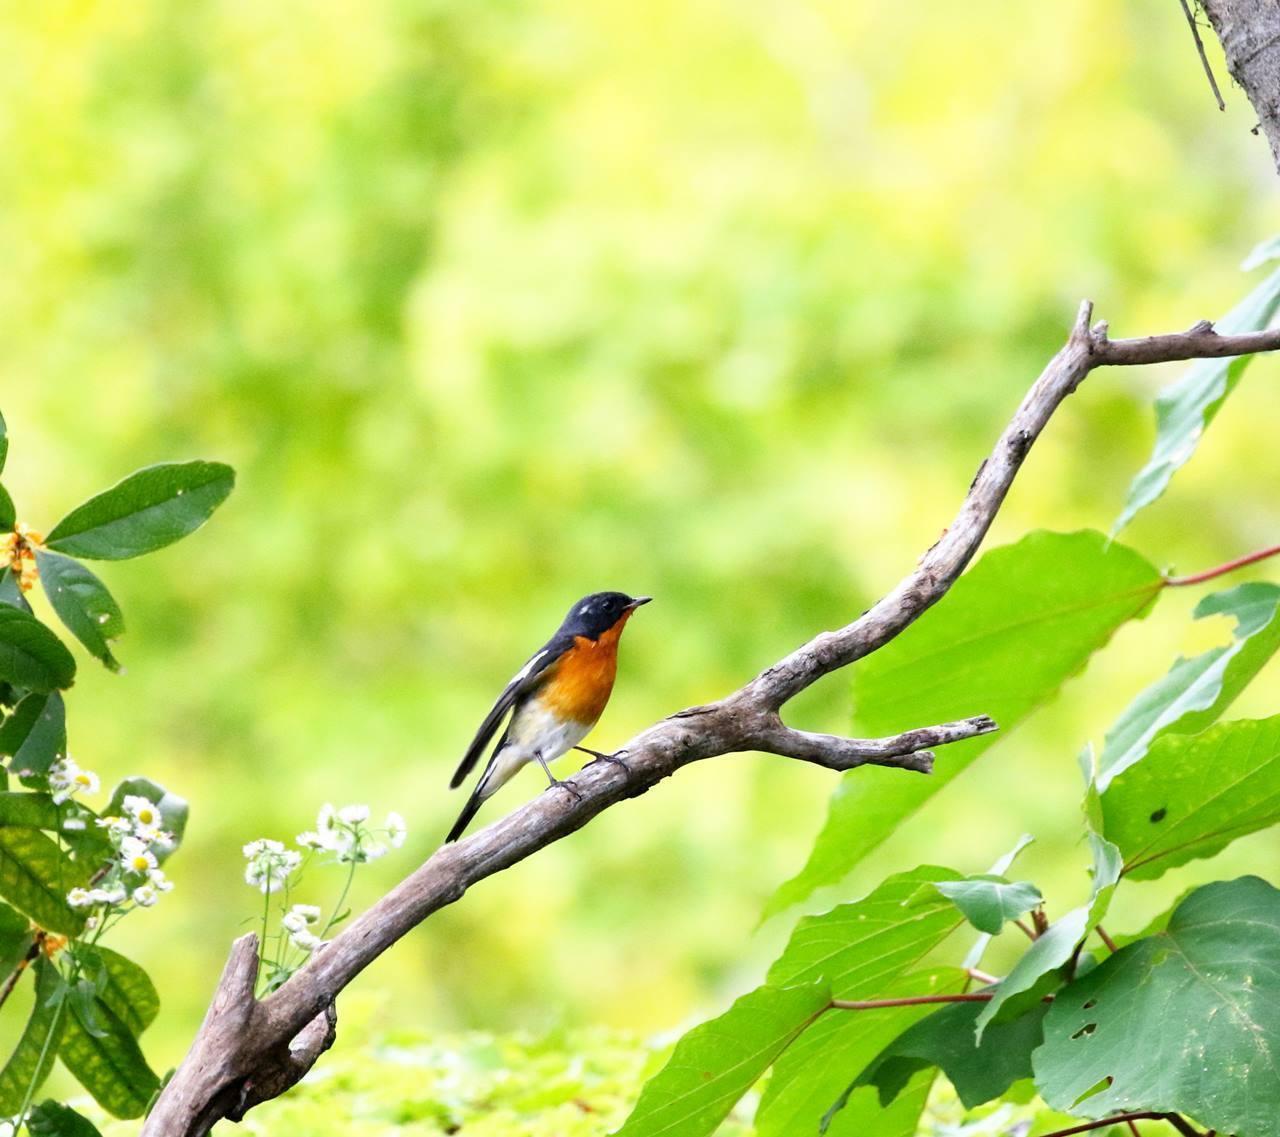 やっとムギマキ♂成鳥に出会う(その2)_c0213607_13303910.jpg